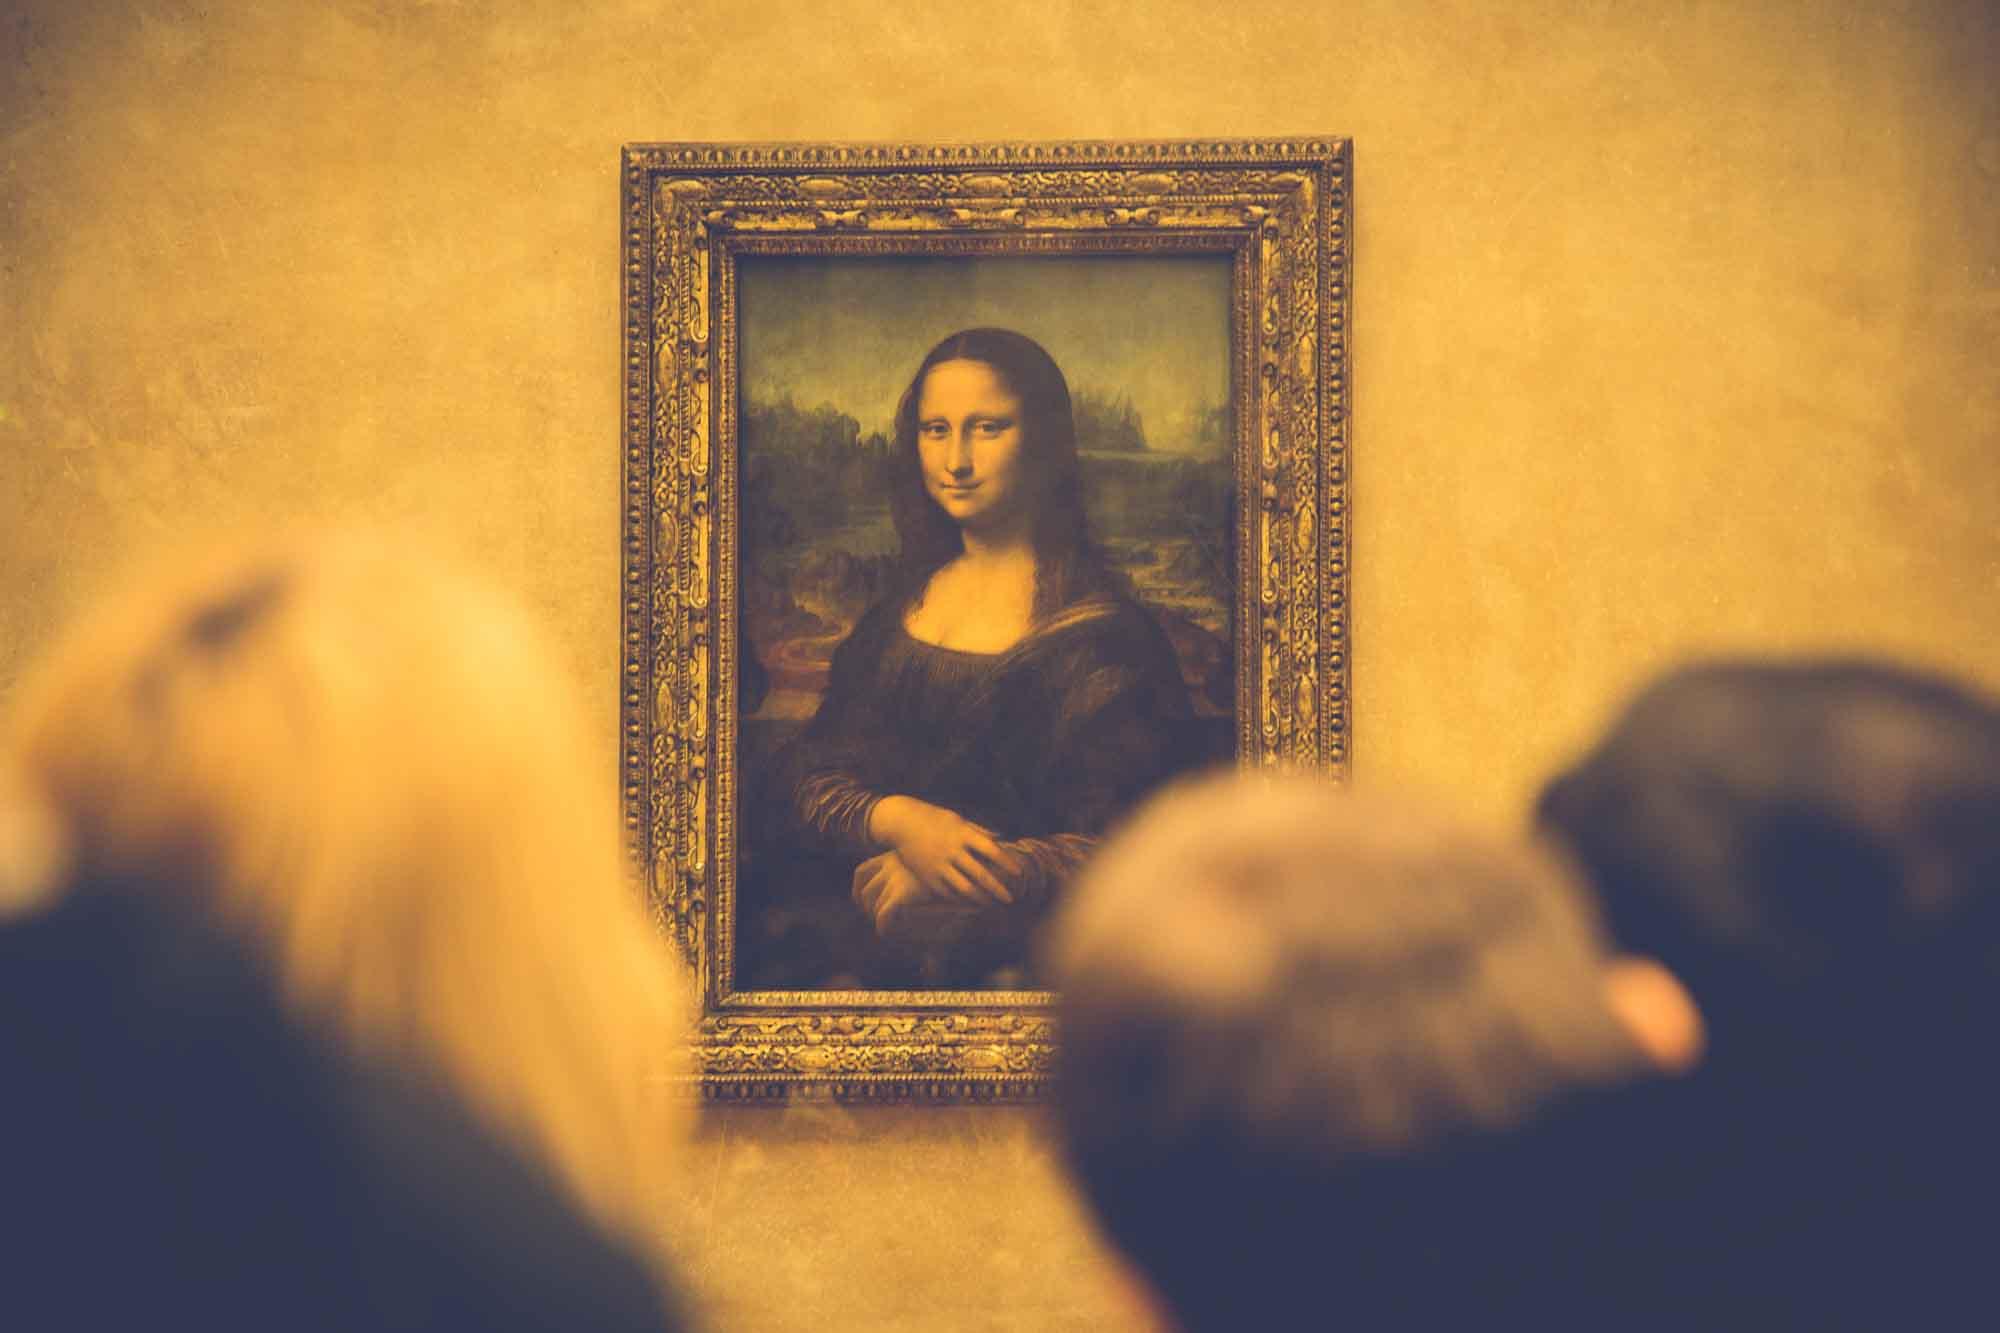 Foto del cuadro de la Mona Lisa de Leonardo Da Vinci